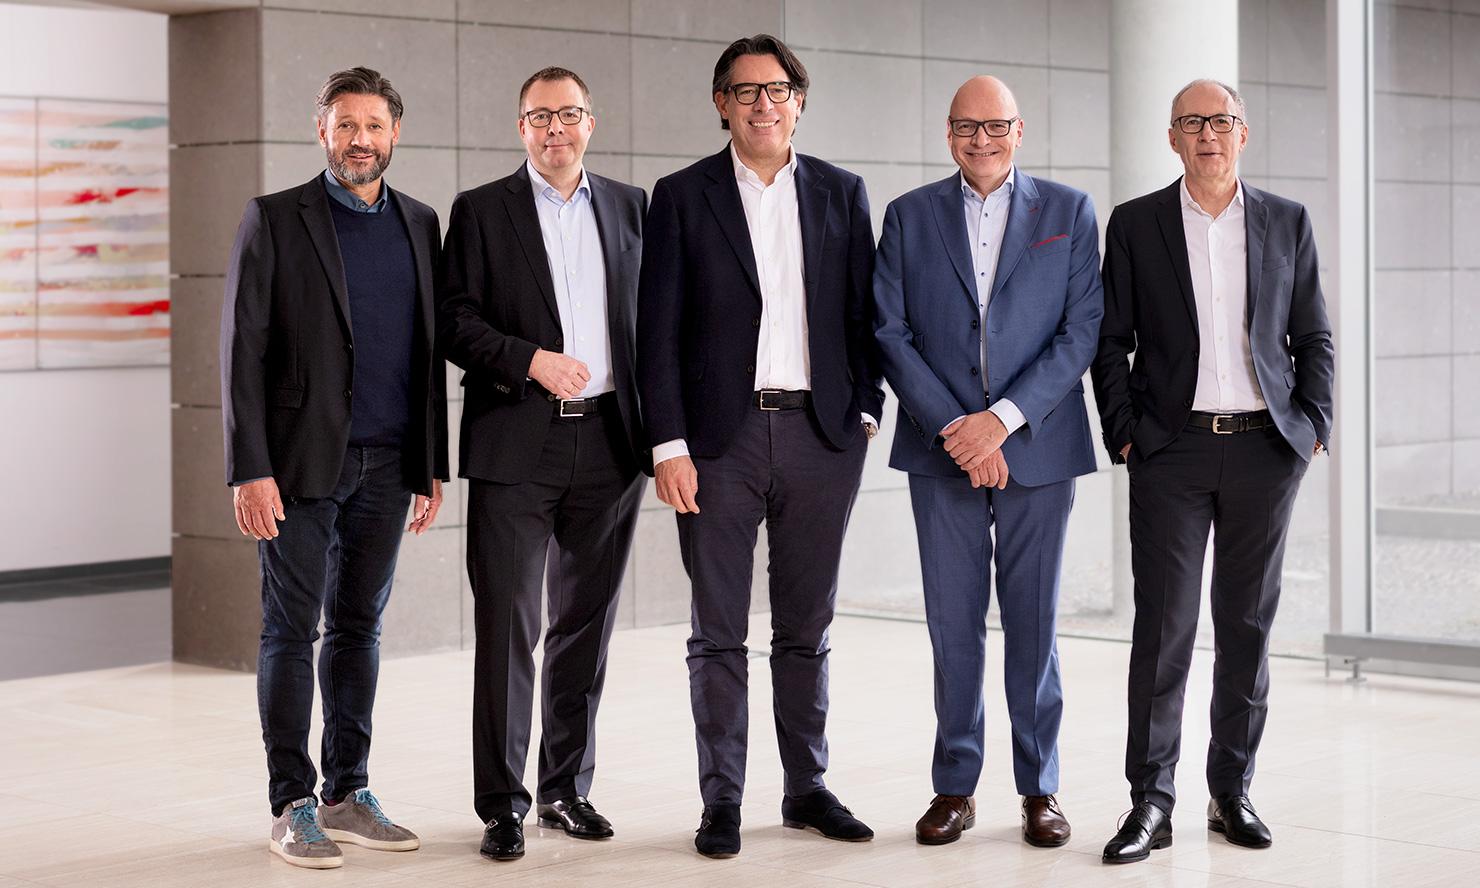 SWMH-CEO Dr. Christian Wegner (Mitte) mit Dr. Karl Ulrich (CEO Fachinformationen, v. l.), Alexander Paasch (CFO), Stefan Hilscher (CEO Nationale Medien) und Herbert Dachs (CEO Regionale Medien)